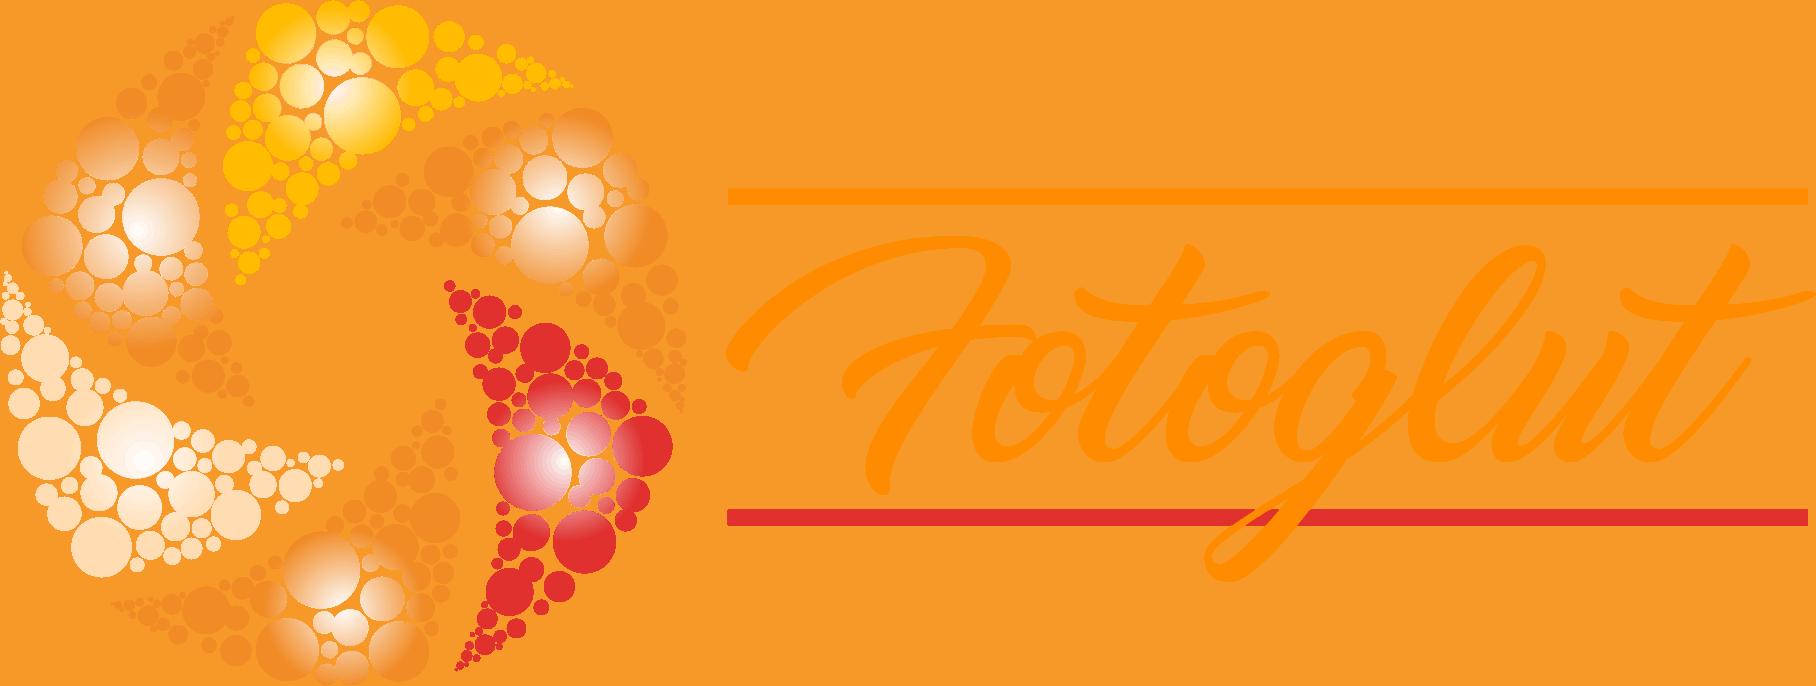 FotoGlut